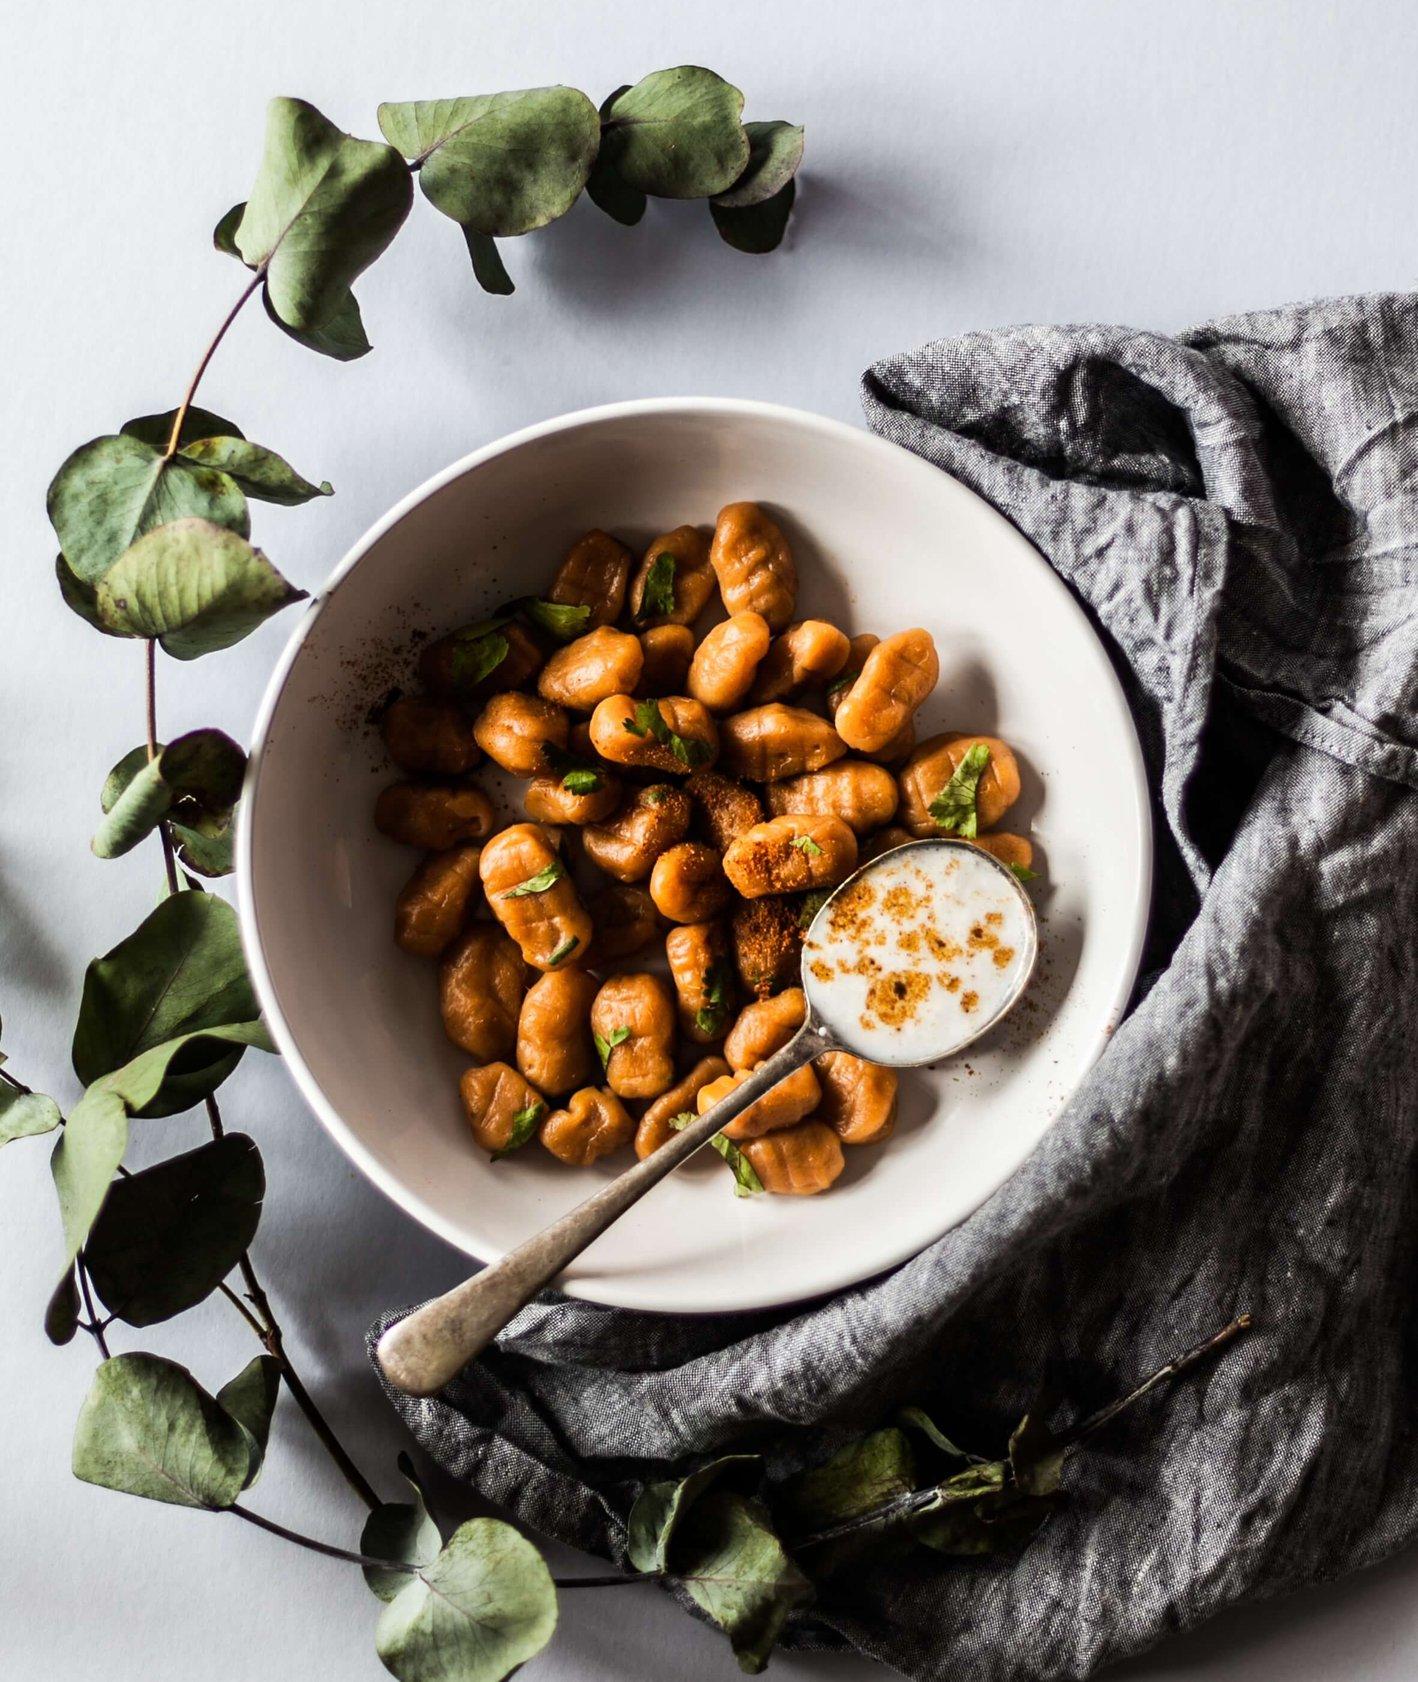 Jakie święteczne menu przygotować dla wegan i wegetarian (fot. Alex Loup / unsplash.com)